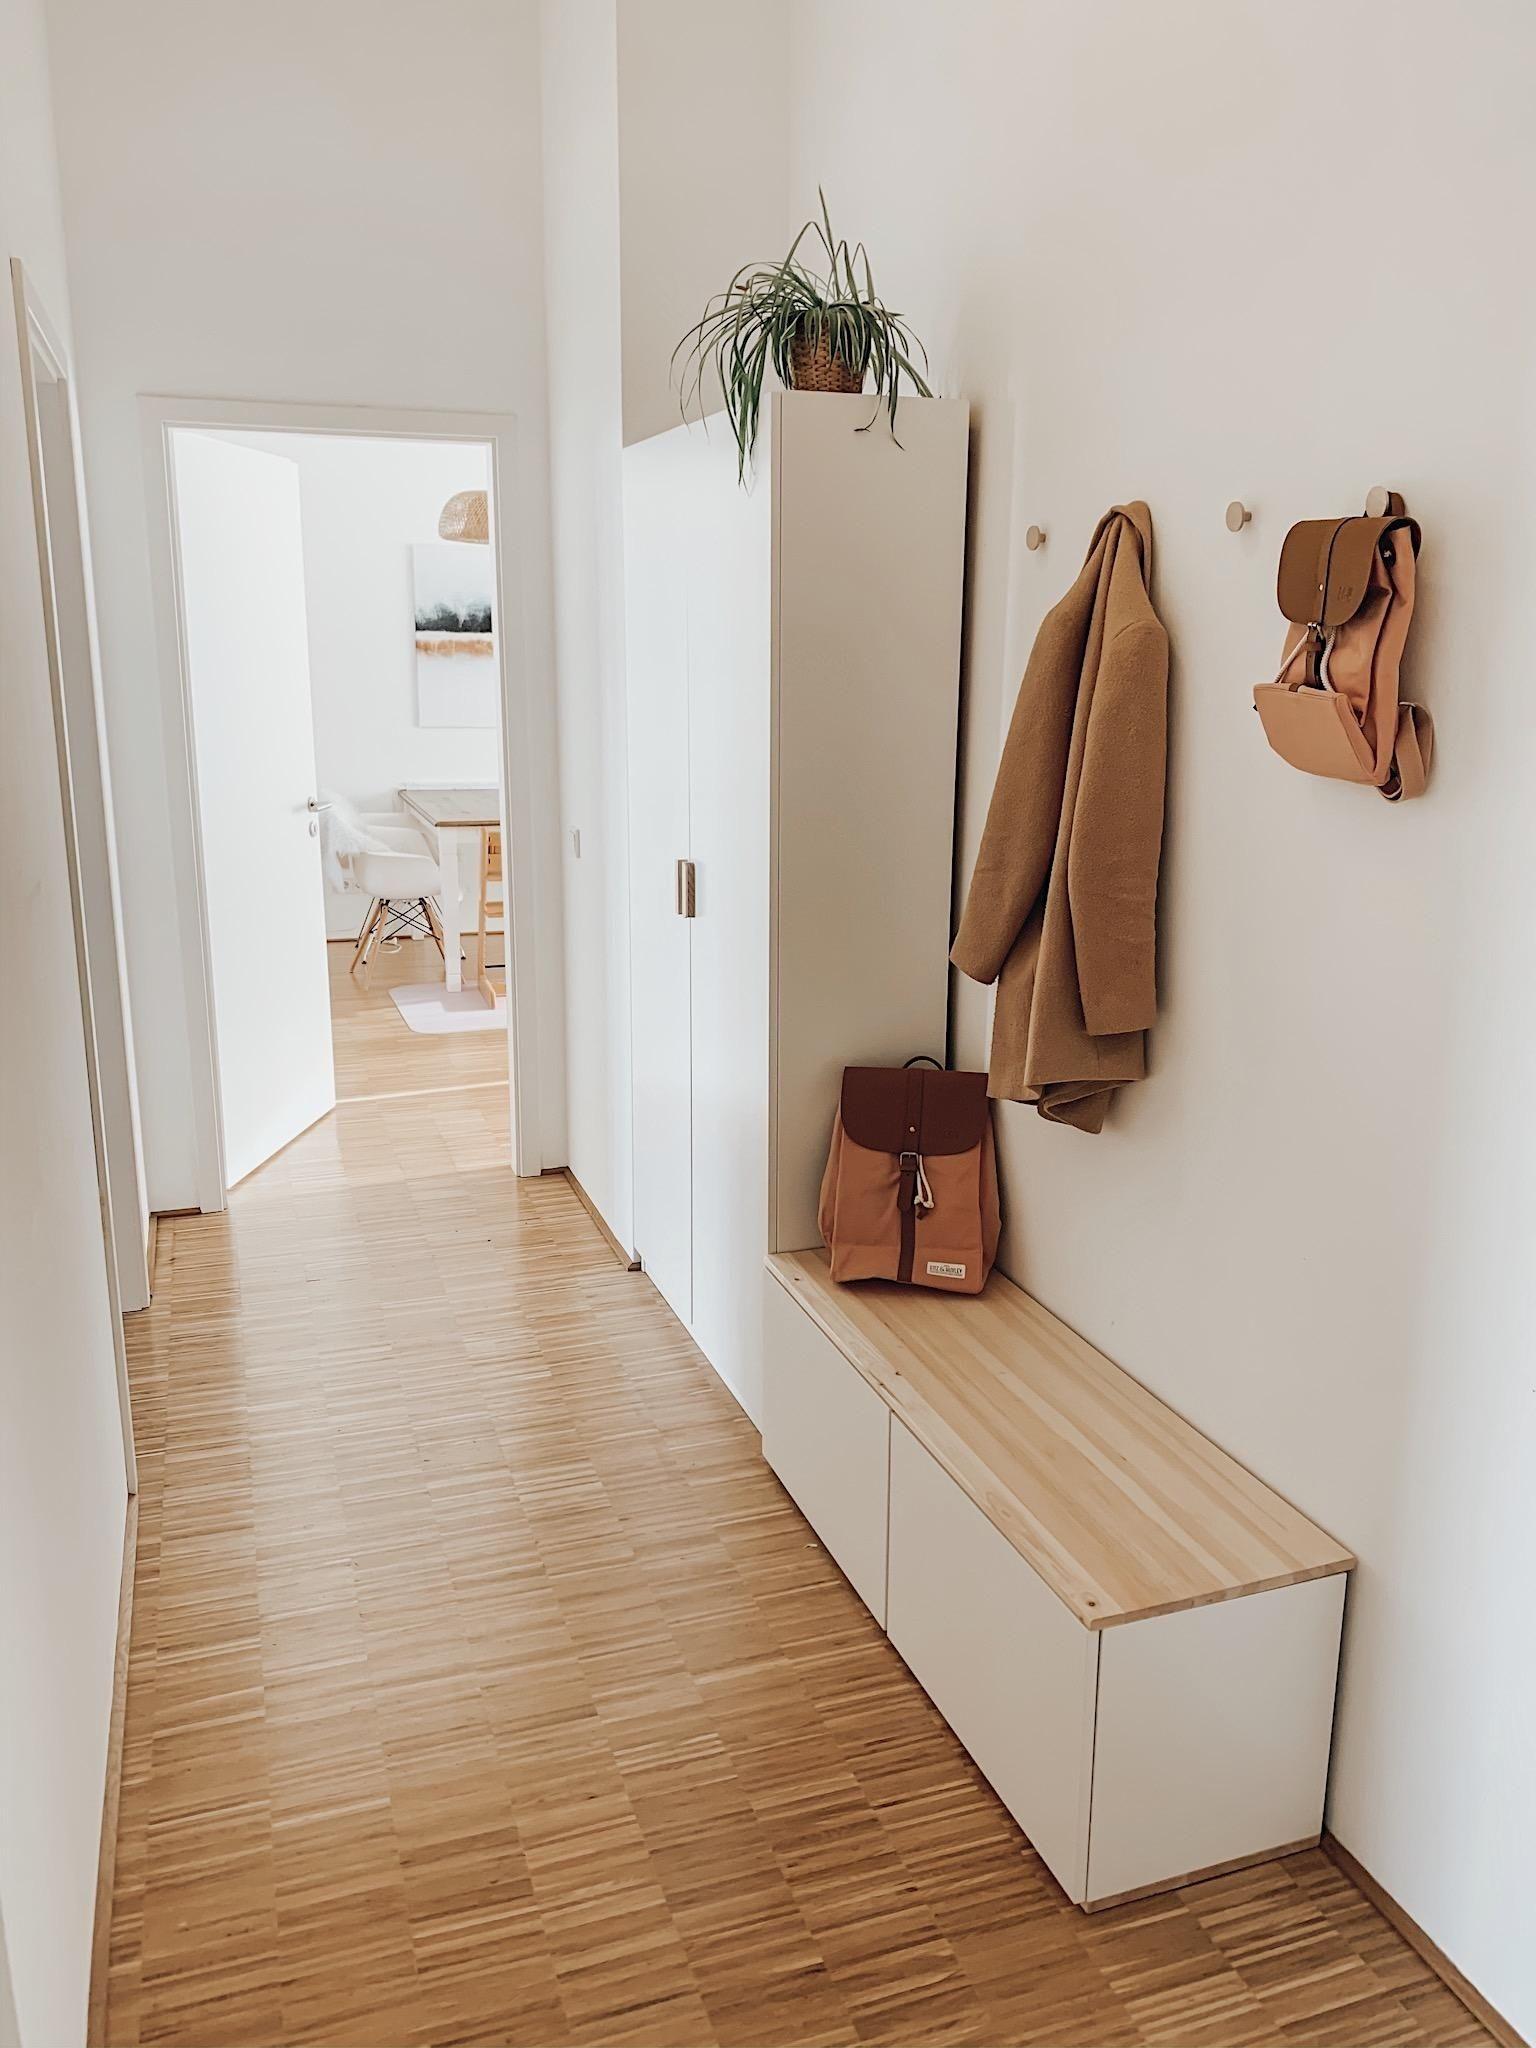 Ikea-Hacks: So machst du deine Möbel zu Einzelstücken!